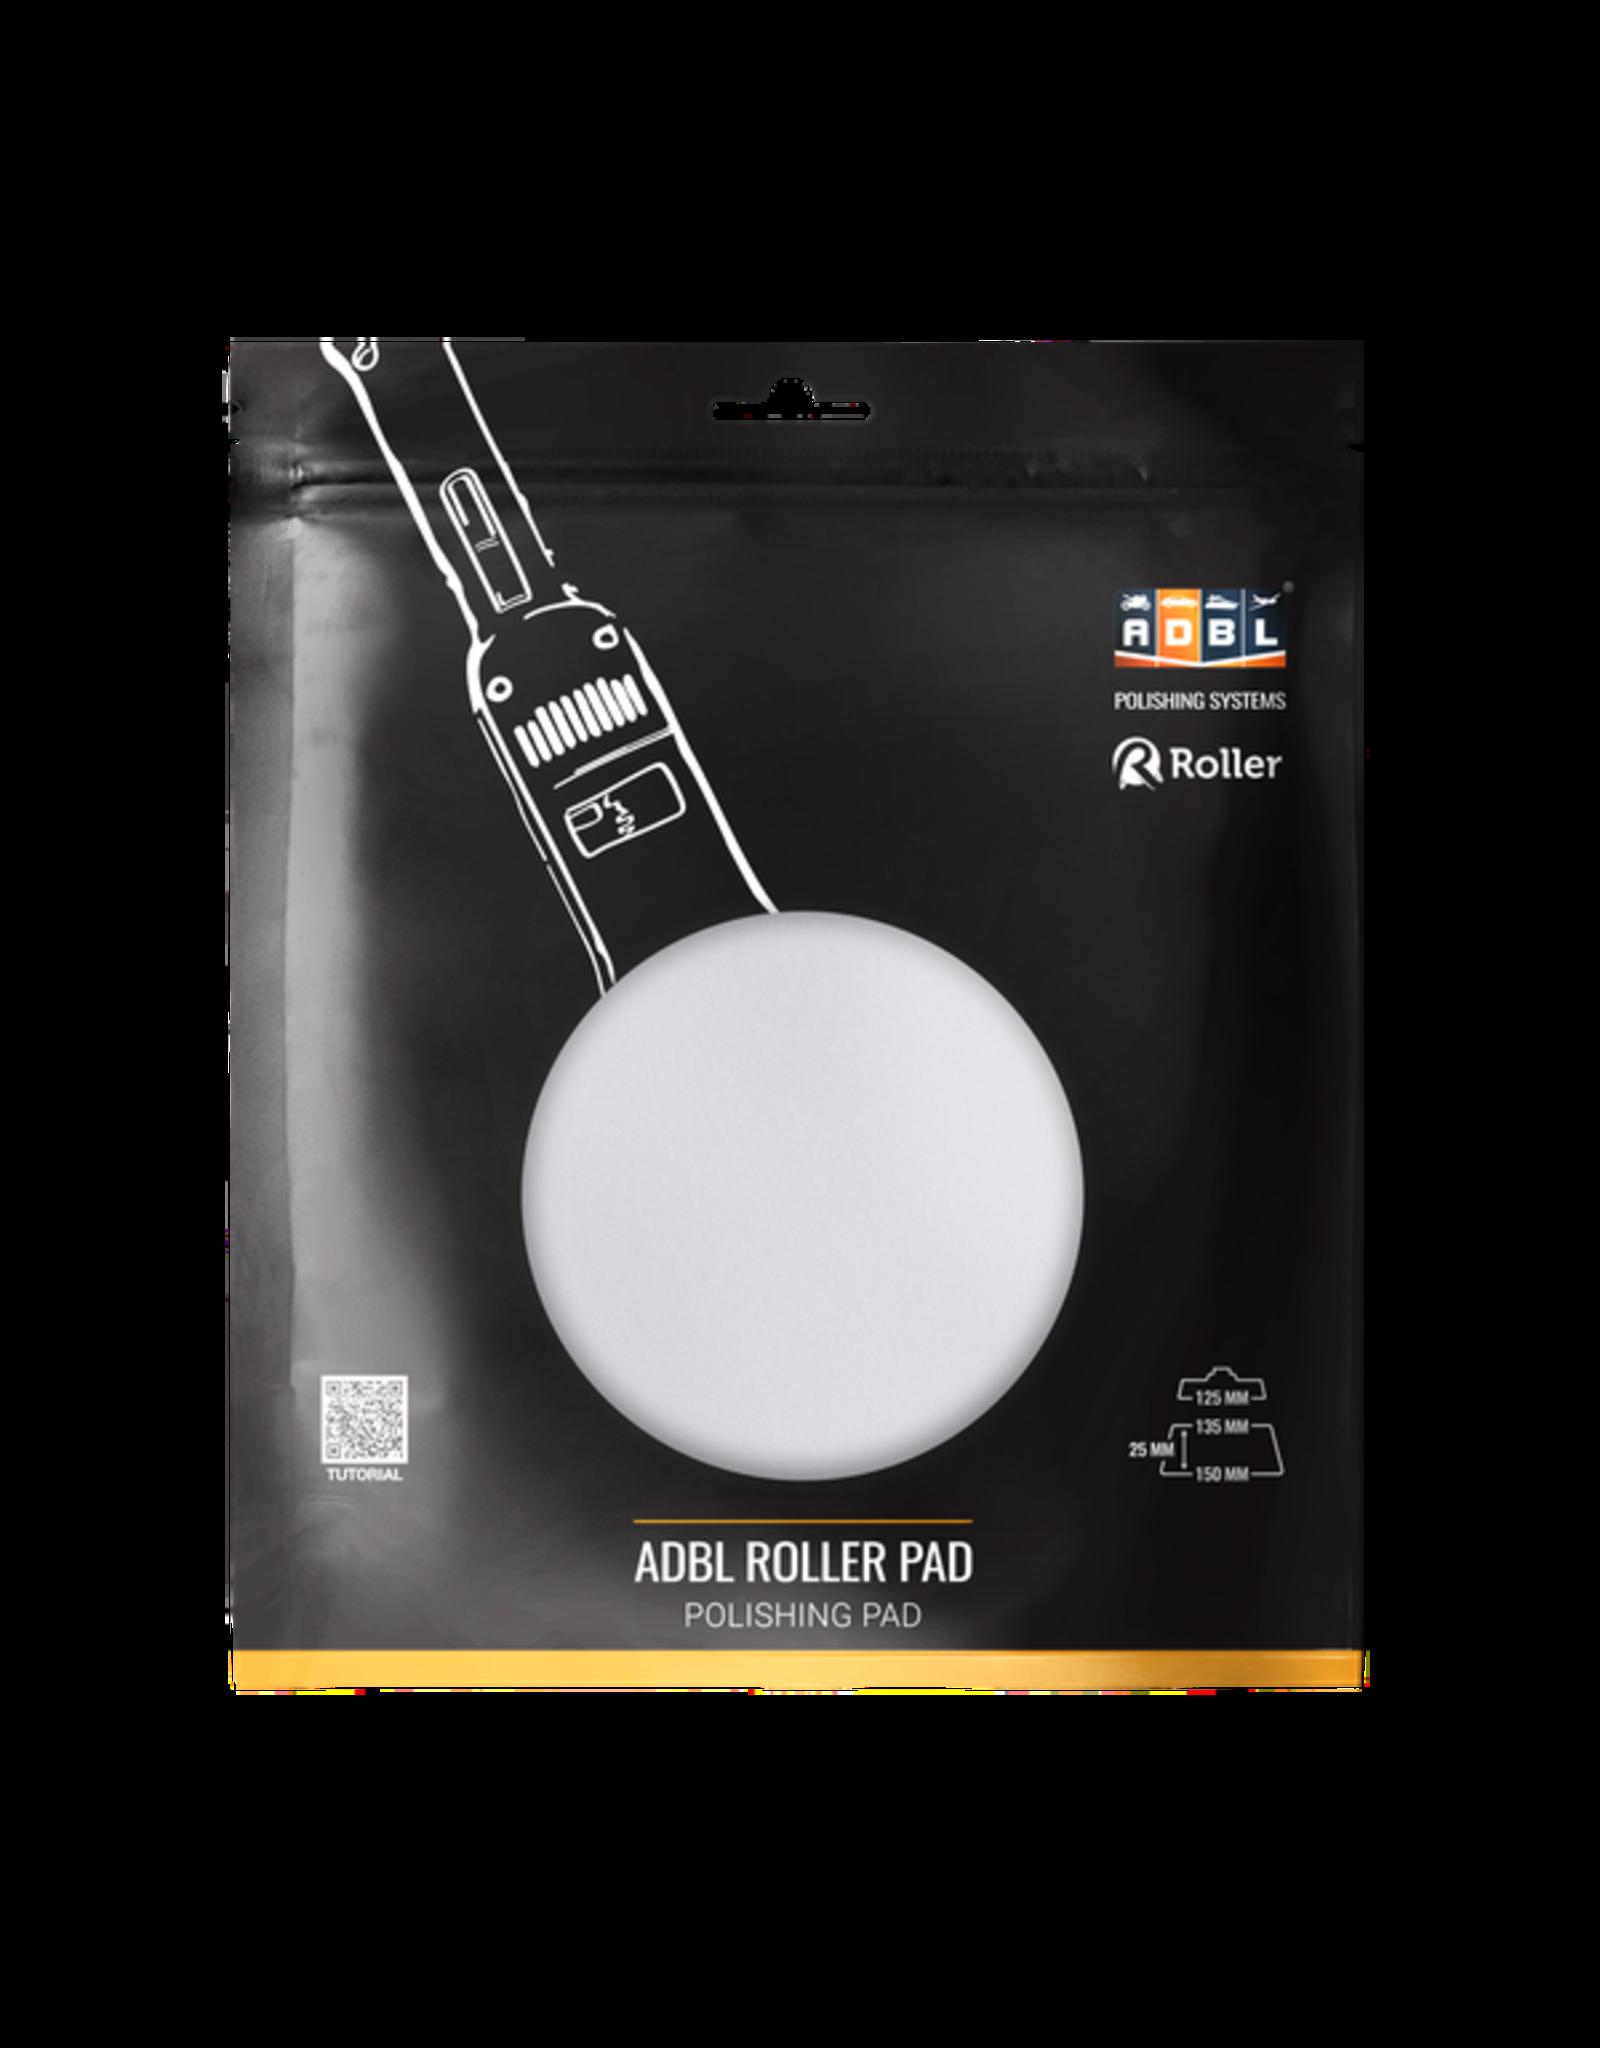 ADBL Roller Pad R Cut 75mm